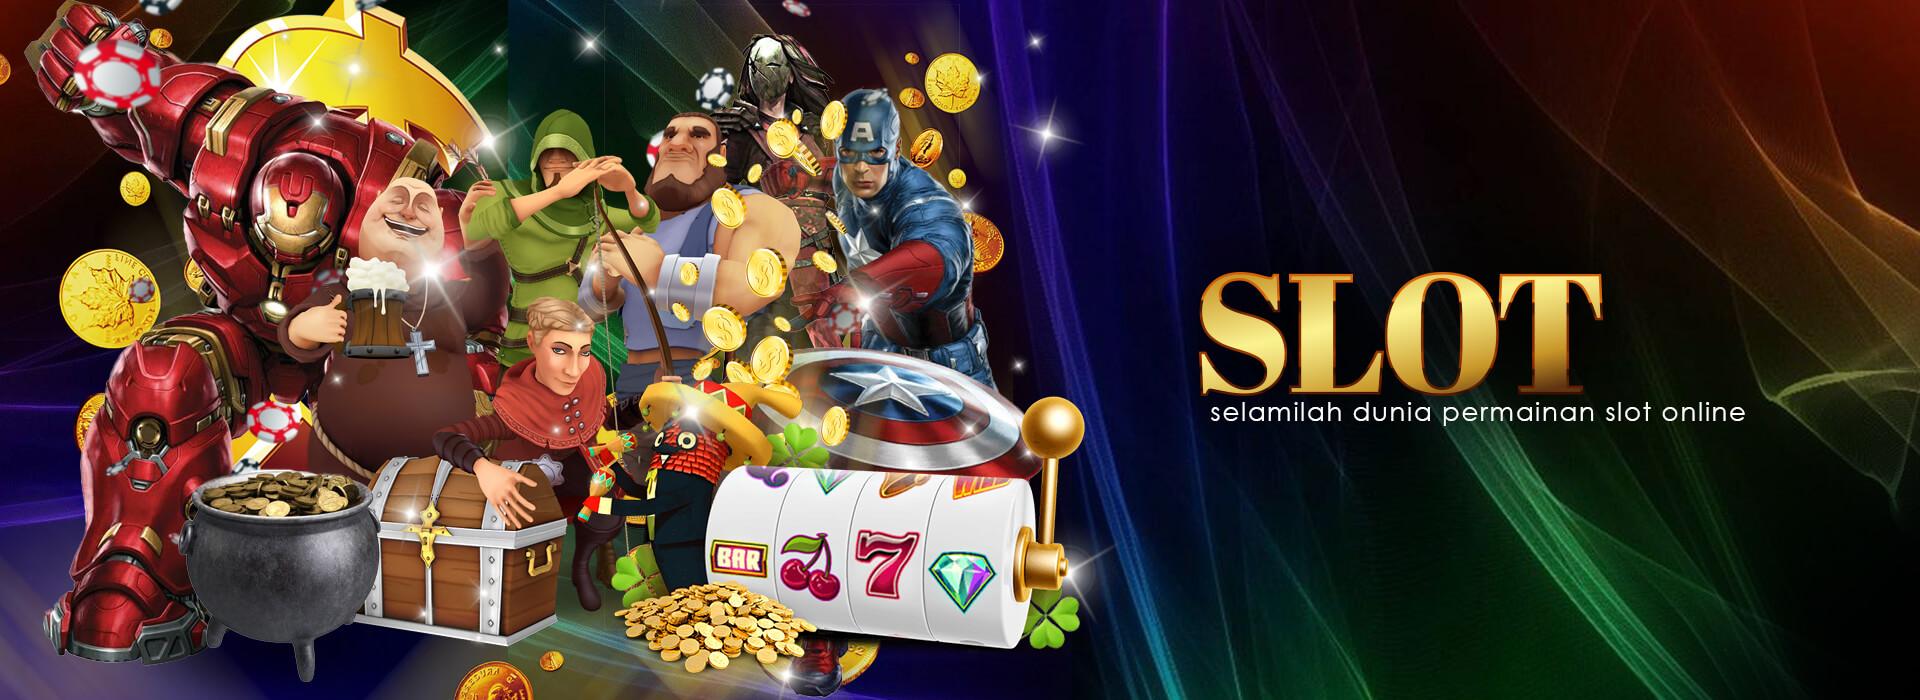 Slot 88 Indonesia | Situs Mesin Slot 88 Alternatif Login Terpercaya